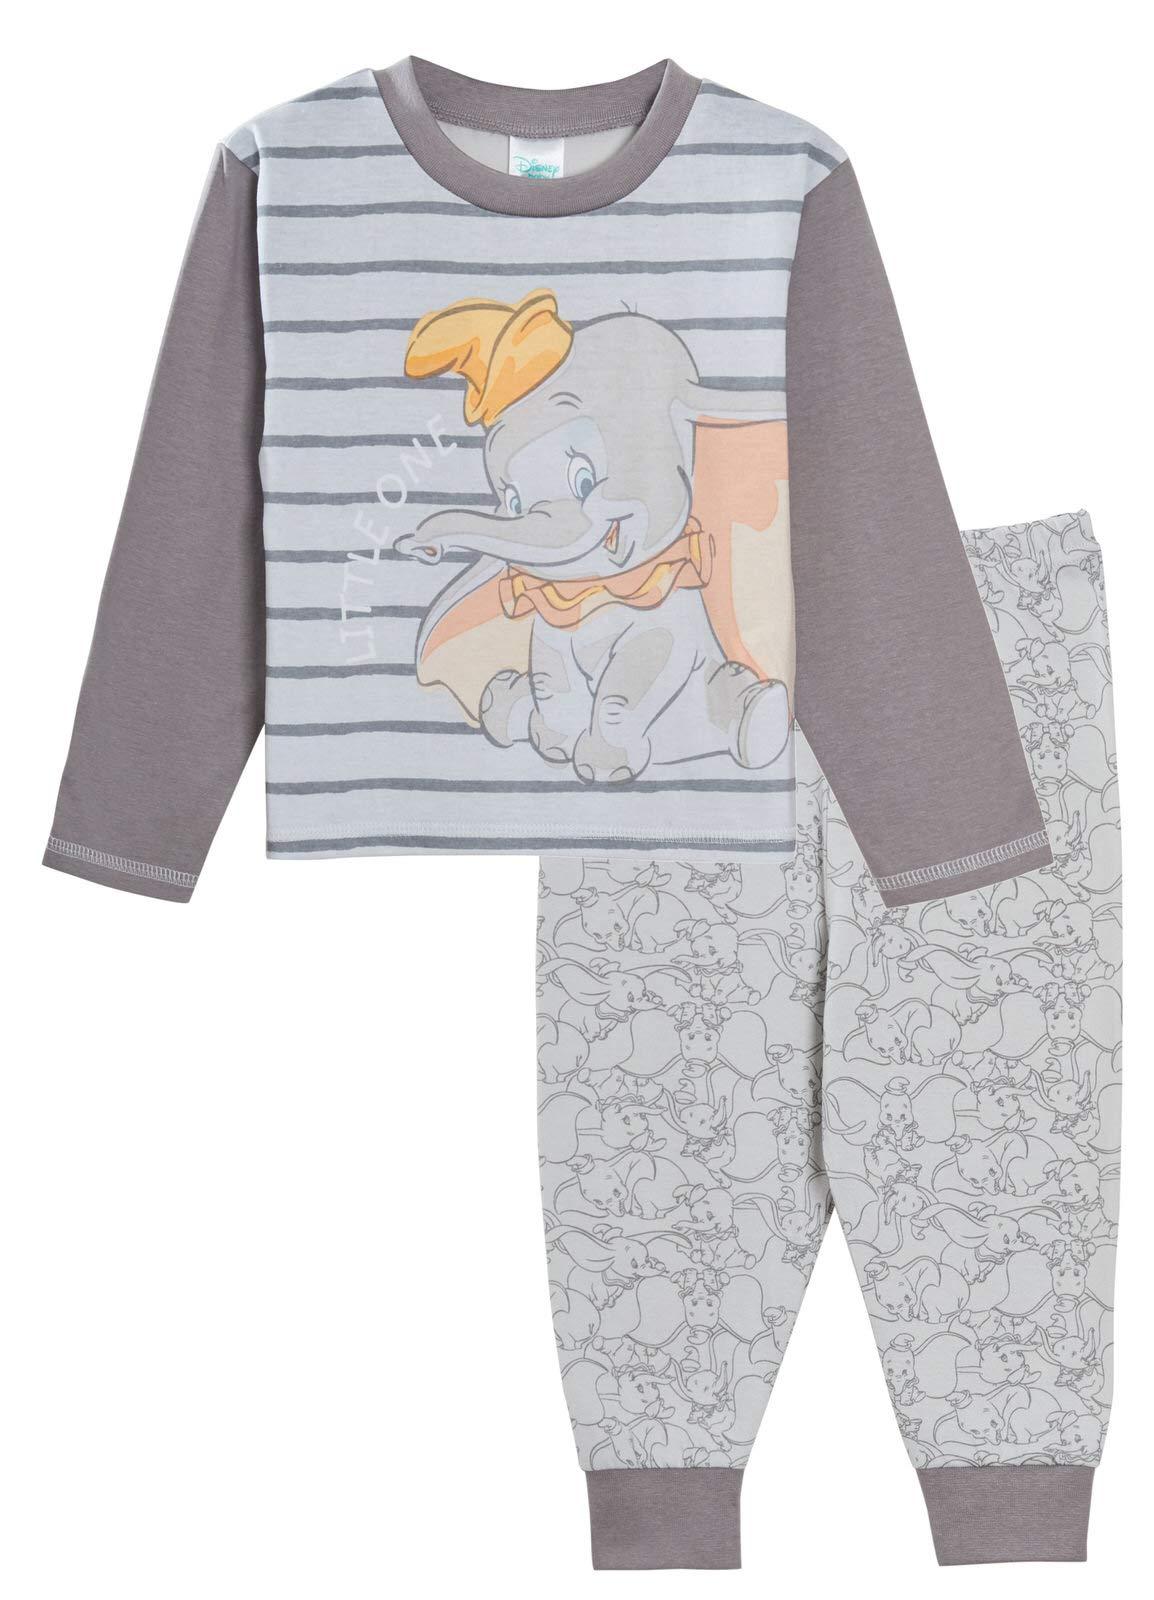 Pijama de Dumbo para bebé, niños y niñas, unisex, juego de pijamas de 2 piezas, de Disney 1